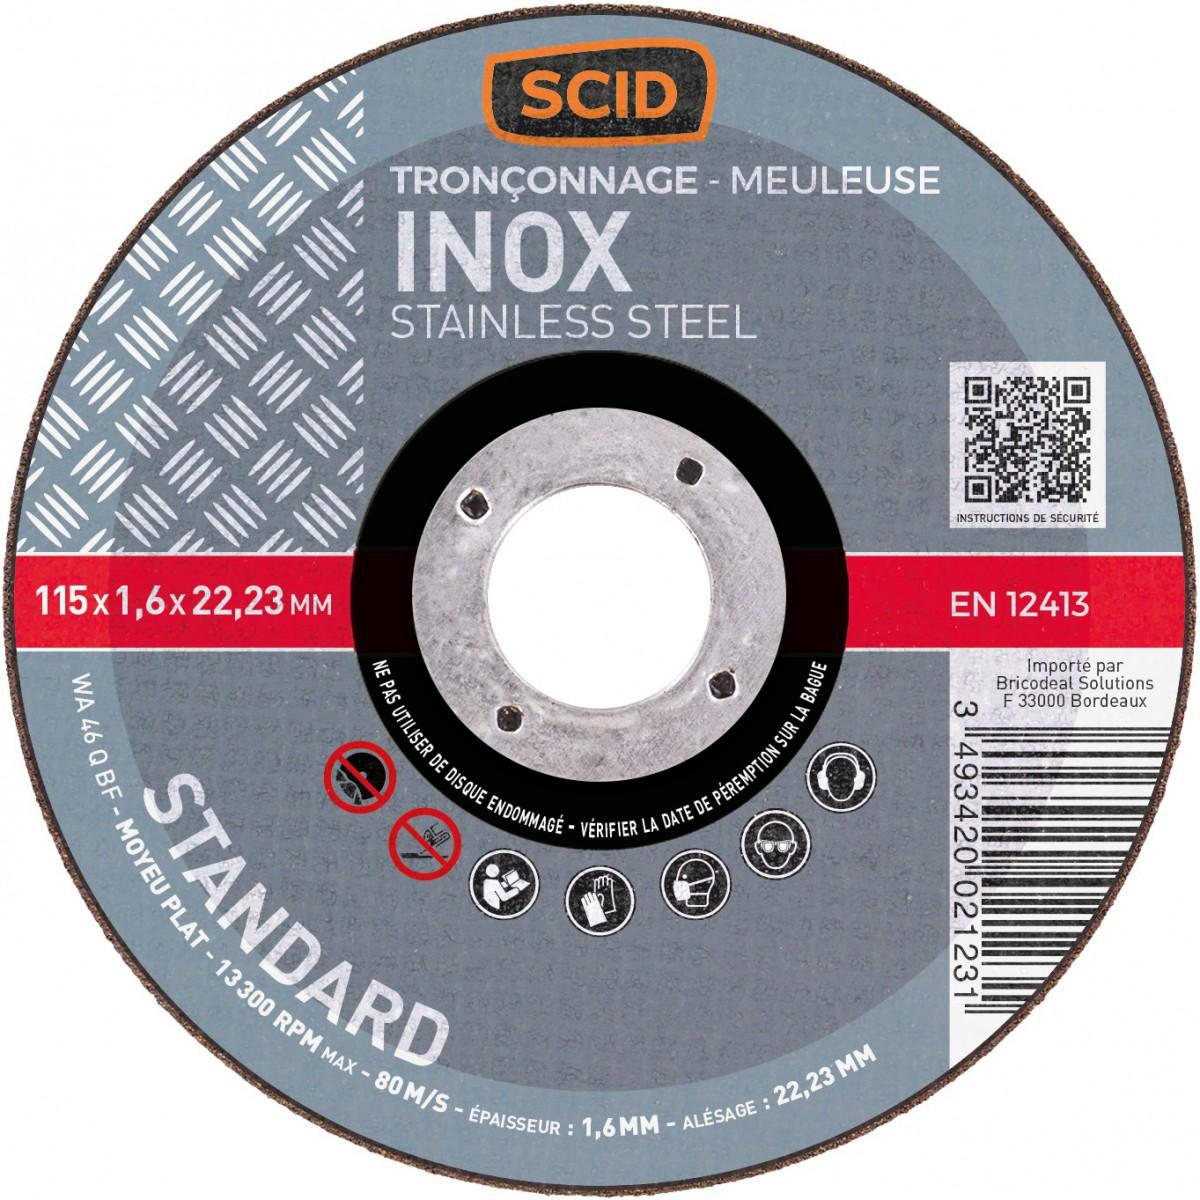 disque tron onner l 39 inox scid moyeu plat diam tre 115 mm al sage 22 2 mm. Black Bedroom Furniture Sets. Home Design Ideas